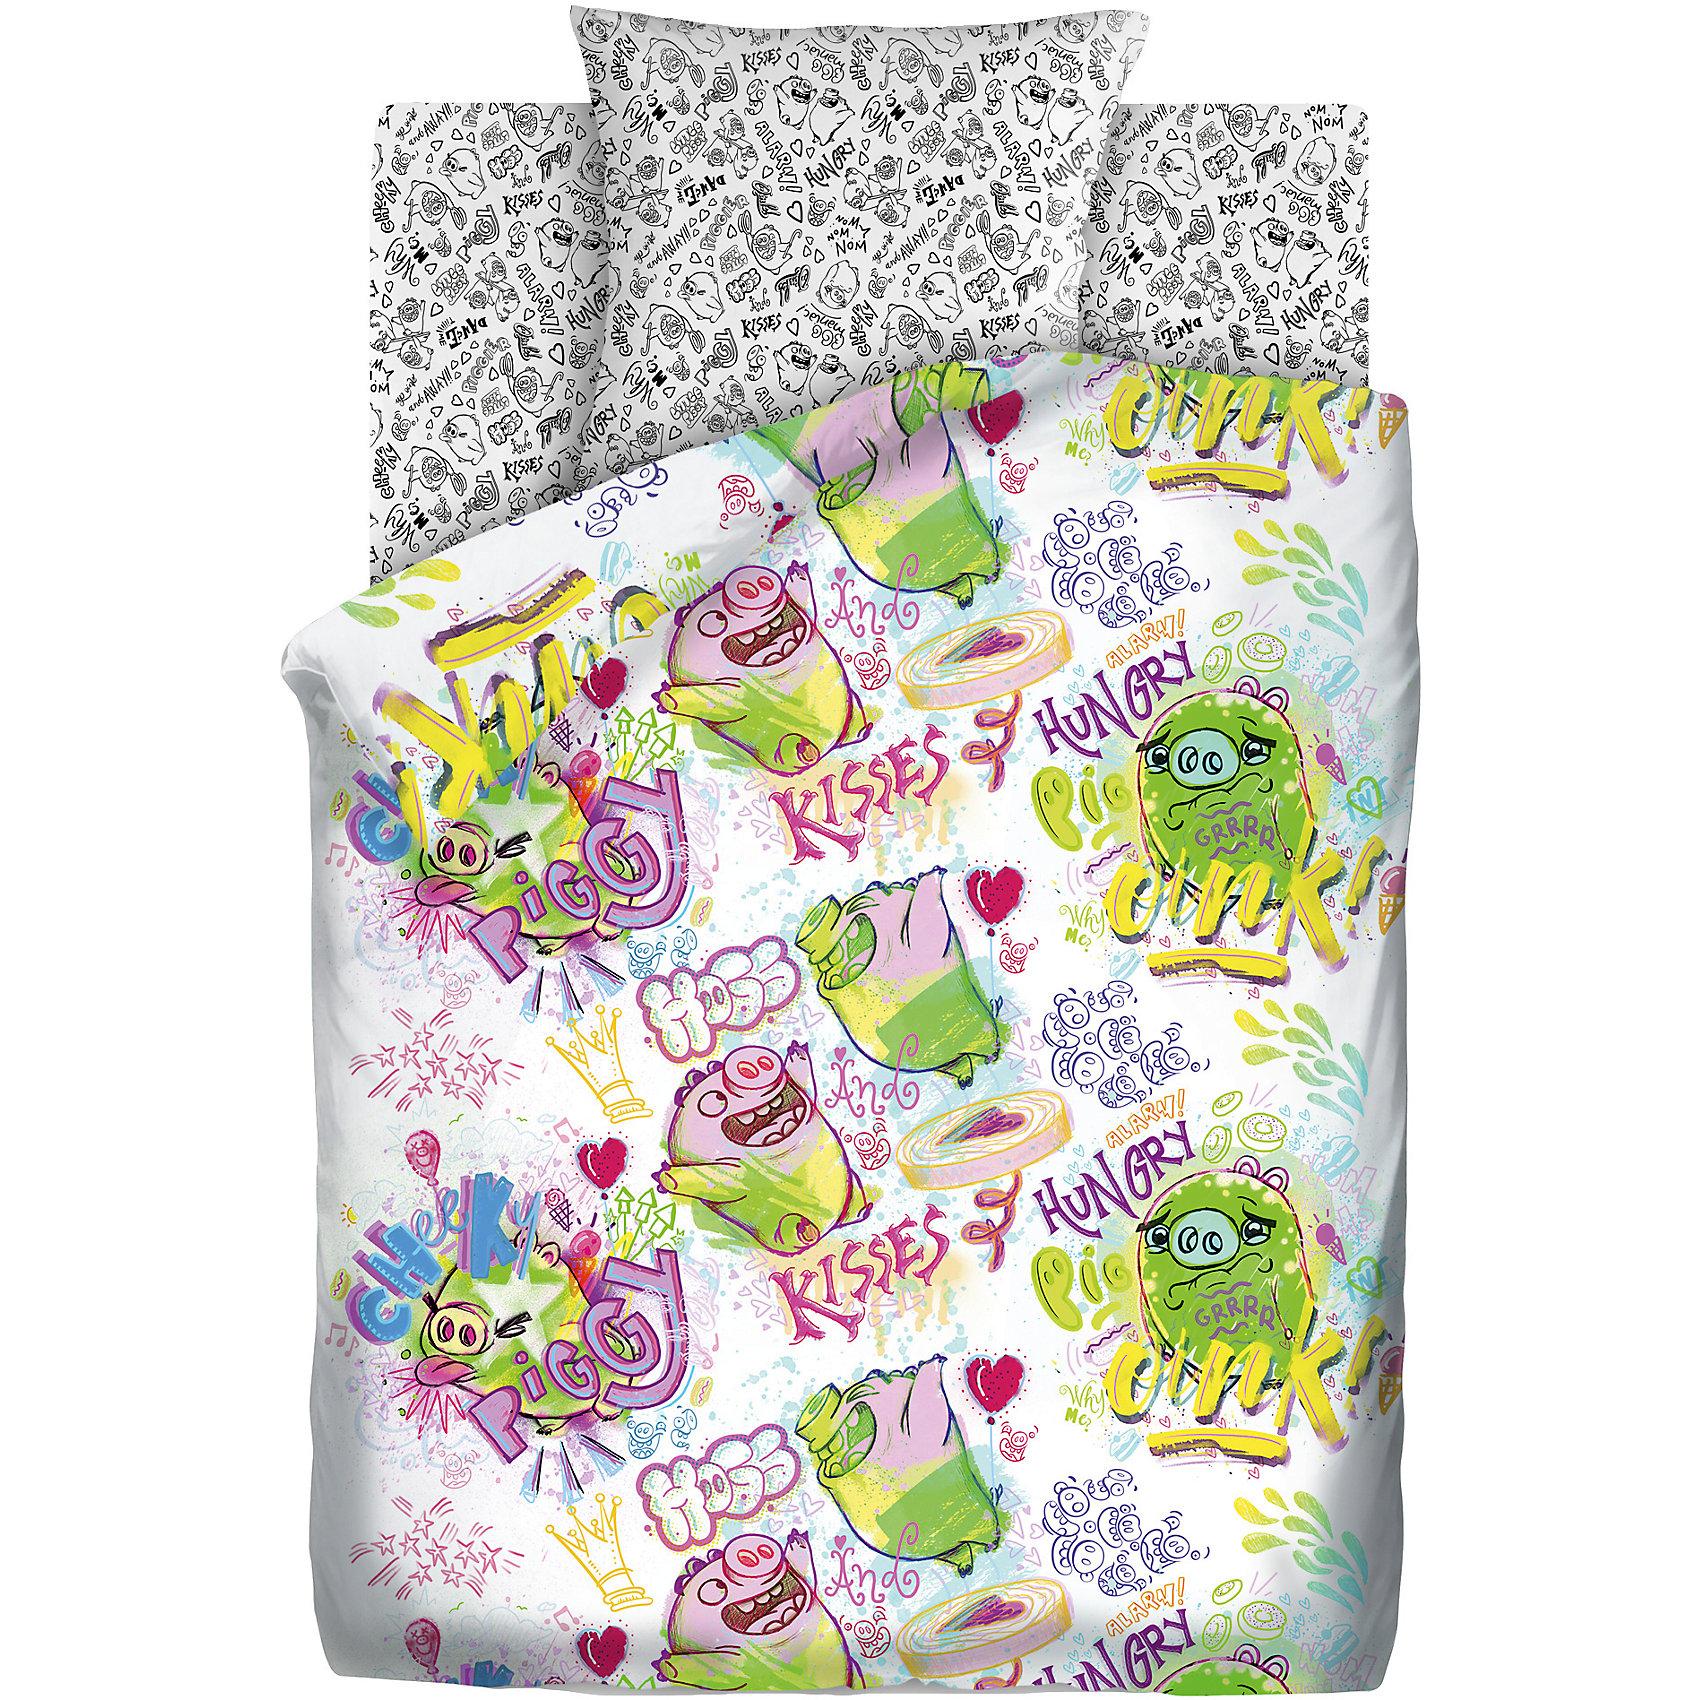 Постельное белье 1,5 Плохие свинки, бязь, Angry Birds (70*70)Домашний текстиль<br>Постельное белье 1,5 Плохие свинки, бязь, Angry Birds  (Энгри Бёрдс) (70*70)<br><br>Характеристики:<br><br>• пропускает воздух<br>• выводит лишнюю влагу<br>• обеспечивает комфортный сон<br>• красочный дизайн<br>• материал: бязь<br>• состав: 100% хлопок<br>• в комплекте: наволочка, простынь, пододеяльник<br>• размер наволочки: 70х70 см<br>• размер простыни: 214х150 см<br>• размер пододеяльника: 215х143 см<br>• вес: 1200 грамм<br><br>Любители Angry Birds будут в восторге от комплекта постельного белья Плохие свинки! Комплект оформлен красочным изображением известных свинок, которые непременно подарят ребенку приятные сны. Белье выполнено из хлопка, сохраняющего свои качества и цвет после стирок. Белье хорошо пропускает воздух, отводит лишнюю влагу, обеспечивая ребенку комфортный сон.<br><br>Постельное белье 1,5 Плохие свинки, бязь, Angry Birds (Энгри Бёрдс) (70*70) можно купить в нашем интернет-магазине.<br><br>Ширина мм: 500<br>Глубина мм: 250<br>Высота мм: 500<br>Вес г: 1200<br>Возраст от месяцев: 36<br>Возраст до месяцев: 216<br>Пол: Мужской<br>Возраст: Детский<br>SKU: 5569310